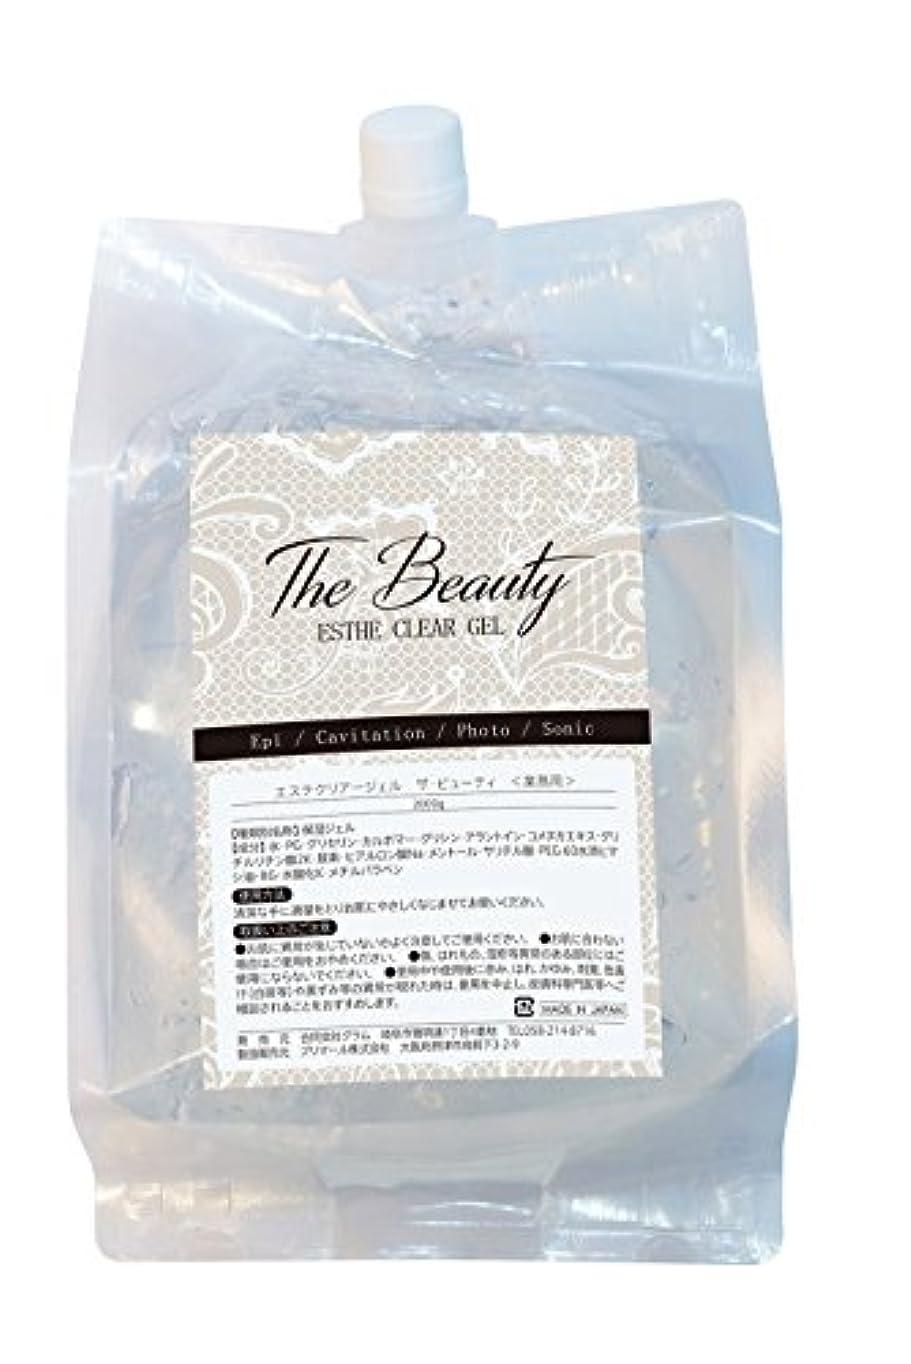 想像力豊かなスツール深さ日本製 クリアージェル/The Beauty ESTHE CLEAR GEL 2kg / 業務用/ボニックジェル?キャビテーション?ソニック?IPL光脱毛?EMS用ジェル